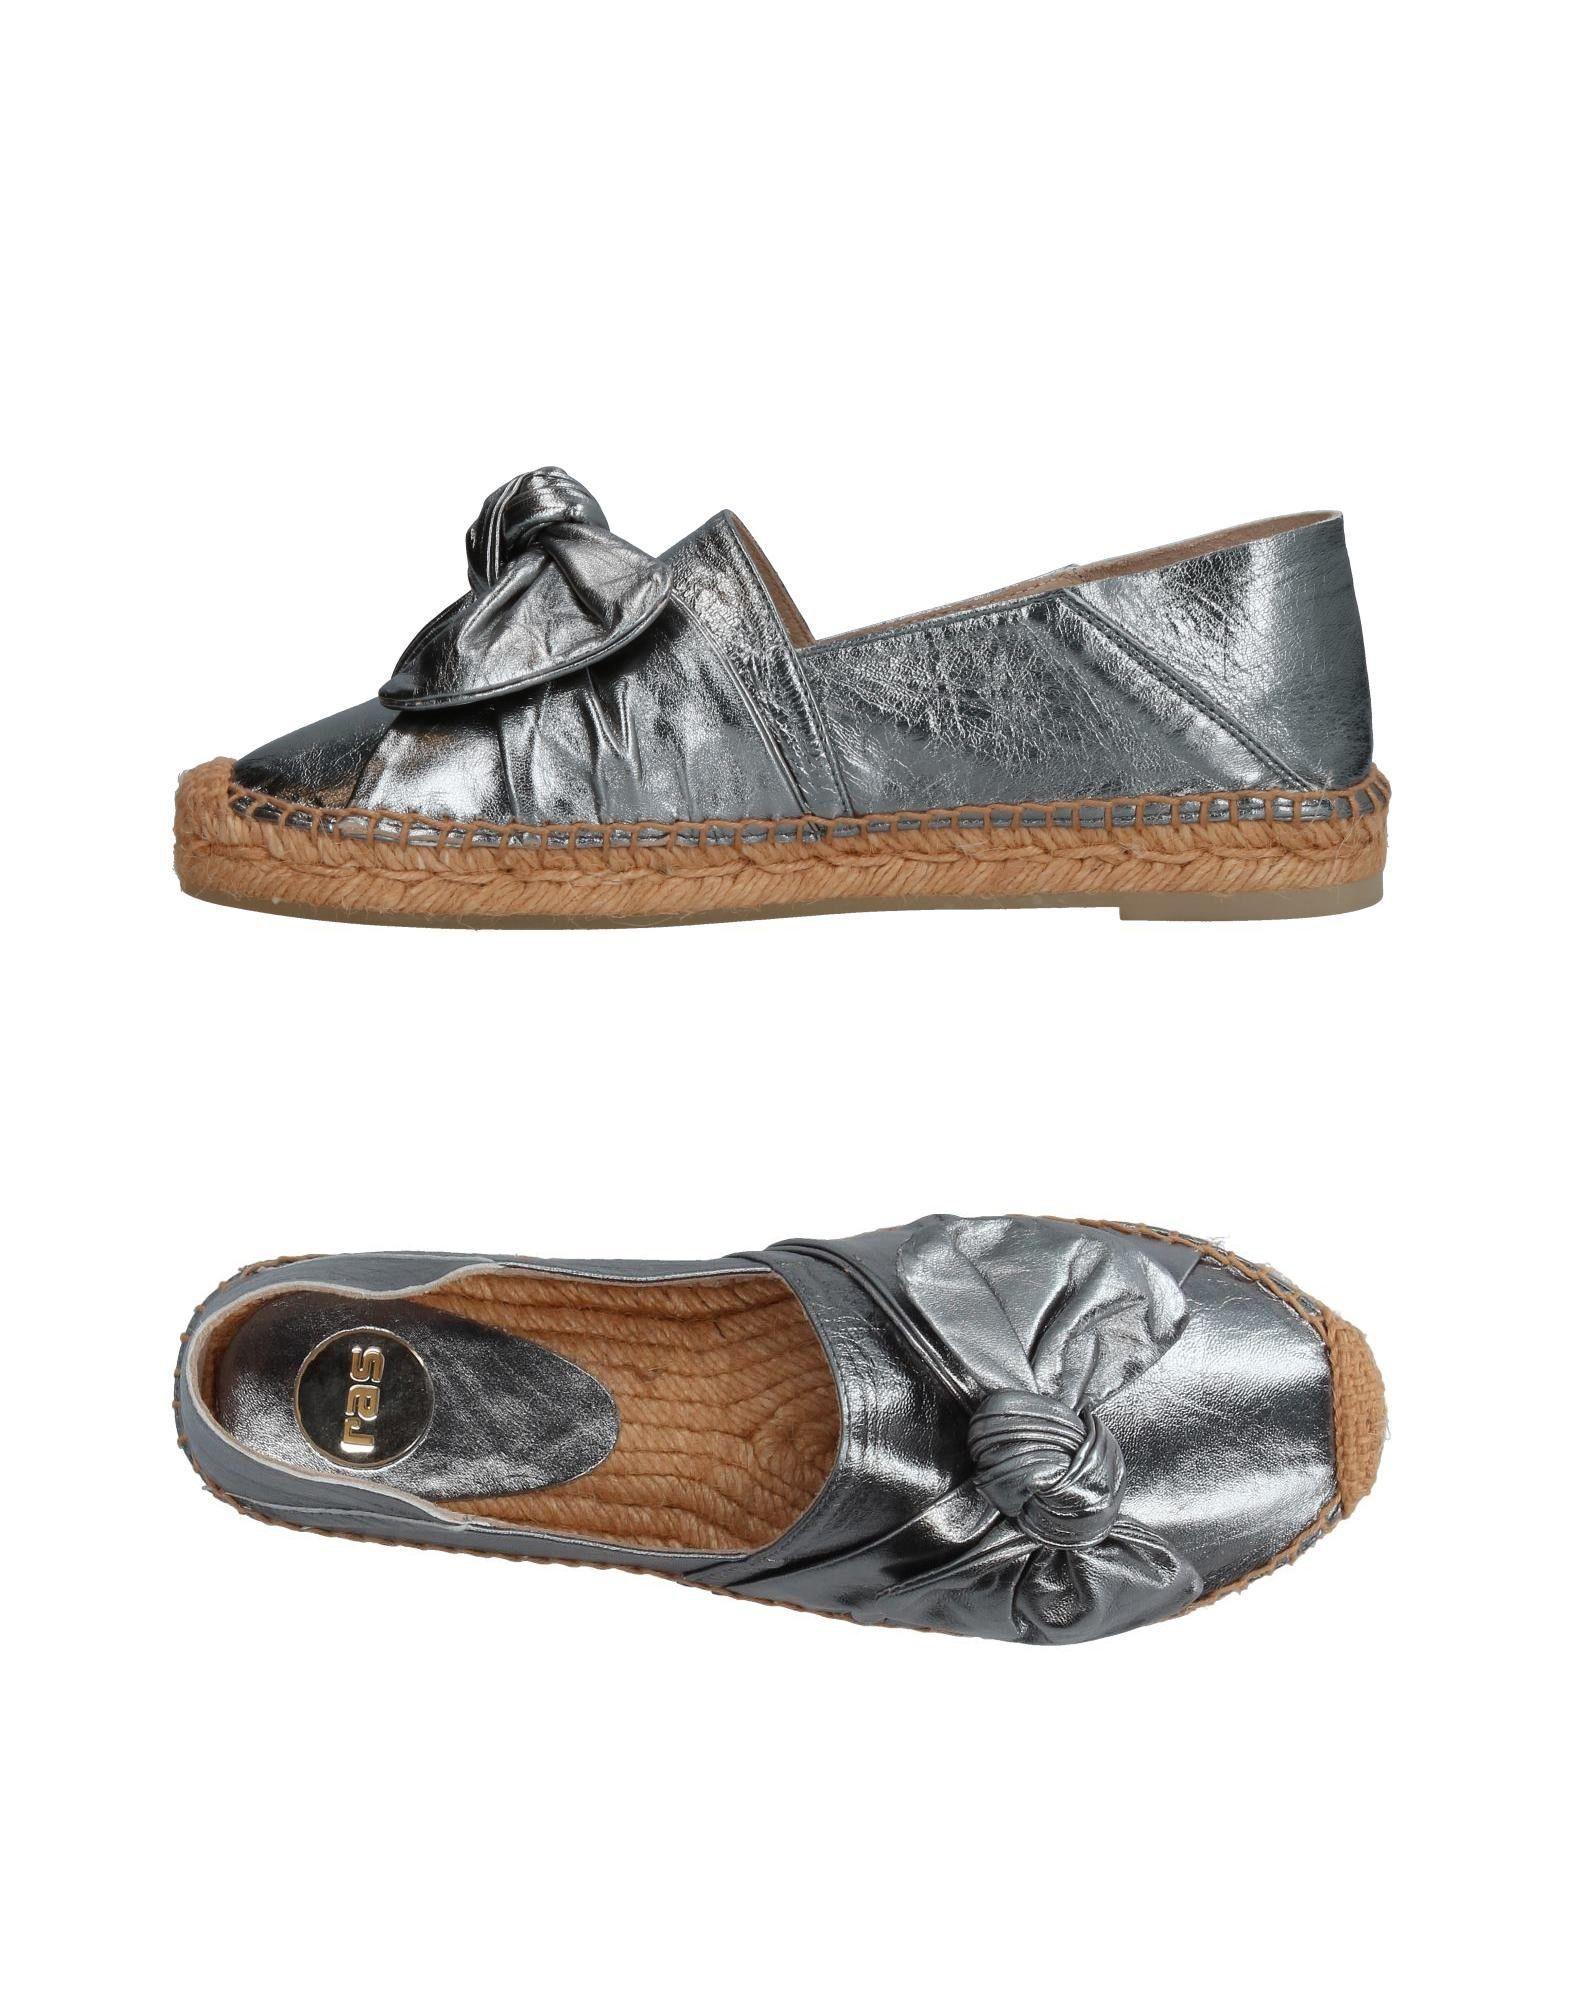 Ras Espadrilles Damen  11417370SA Gute Qualität beliebte Schuhe